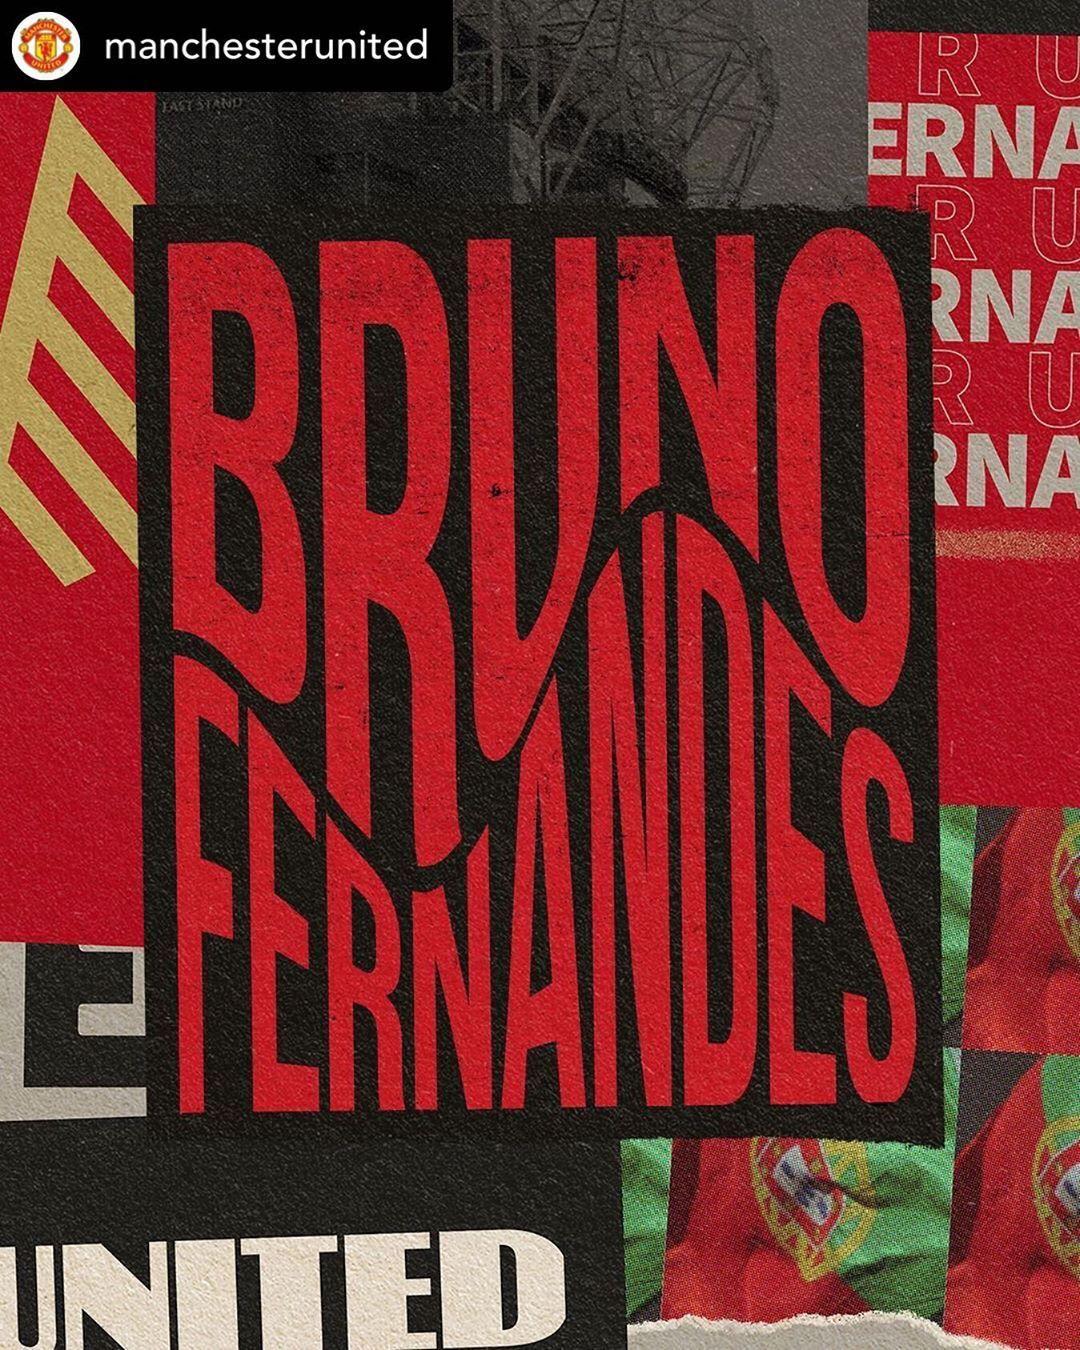 """The Dressing Room on Instagram: """"He's signed! @brunofernandes.10 @manchesterunited #repost #brunofernandes #manutd"""""""